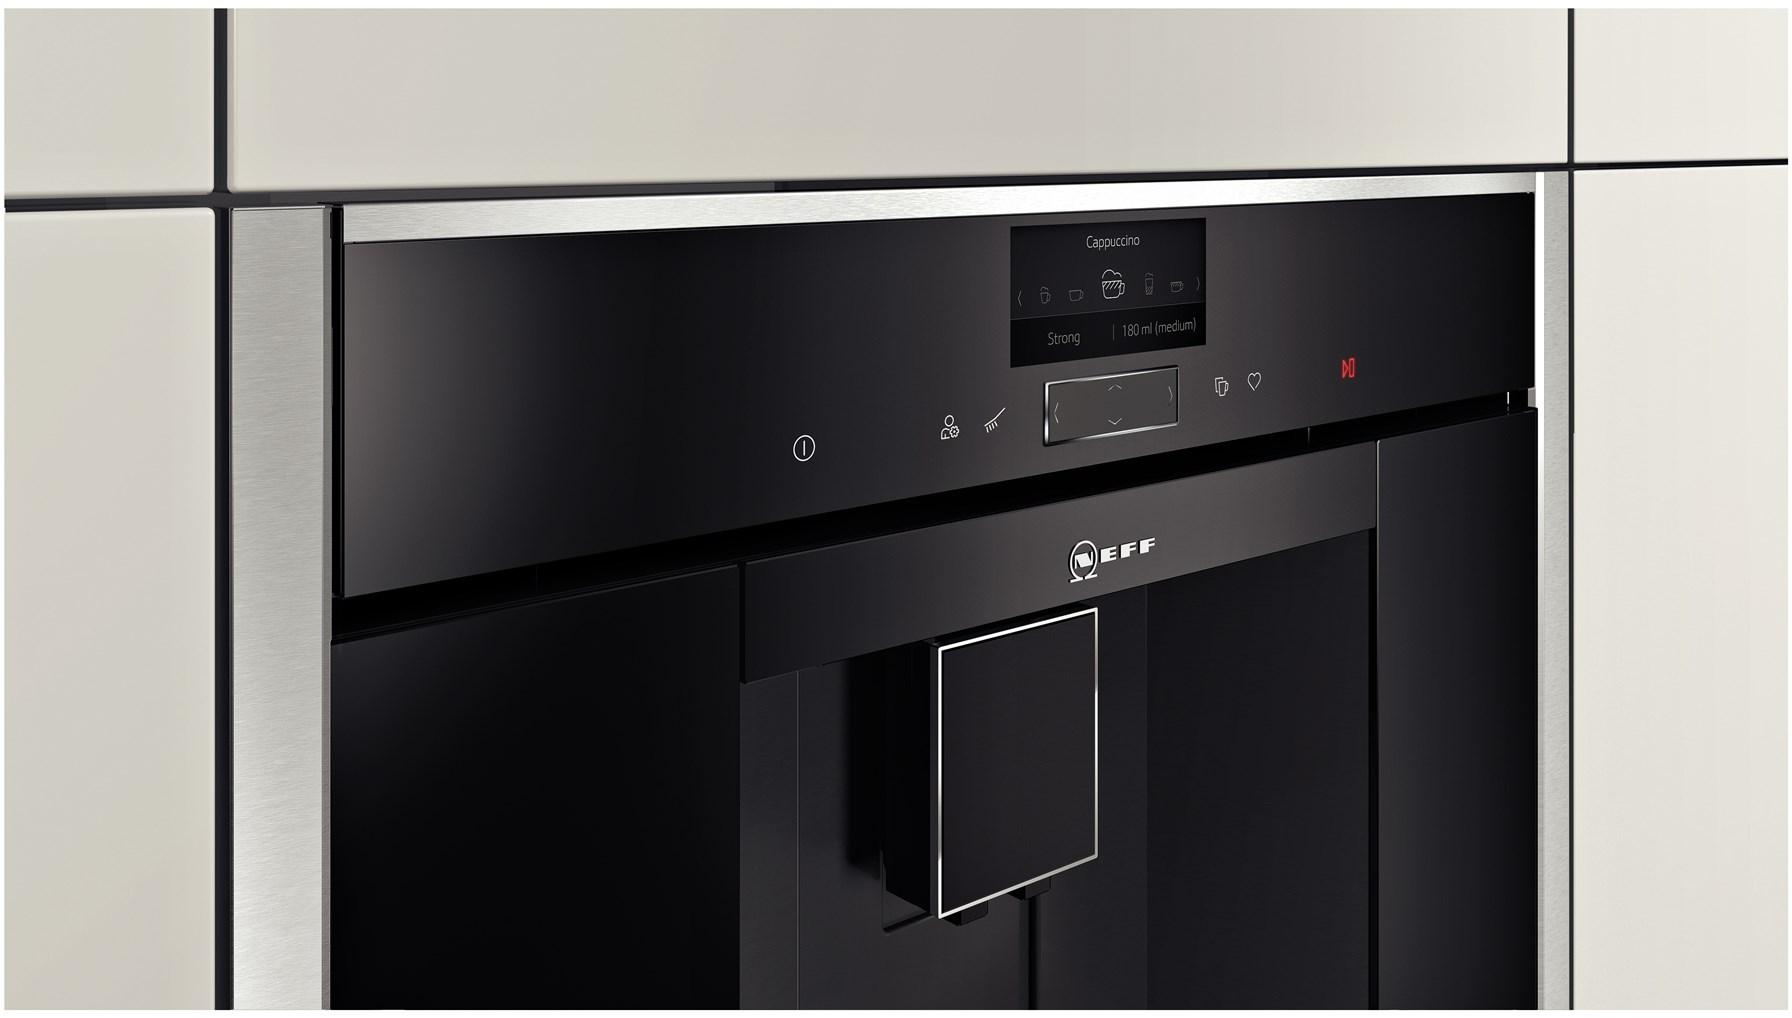 machine caf encastrable neff c17ks61n0 electromenager grossiste. Black Bedroom Furniture Sets. Home Design Ideas